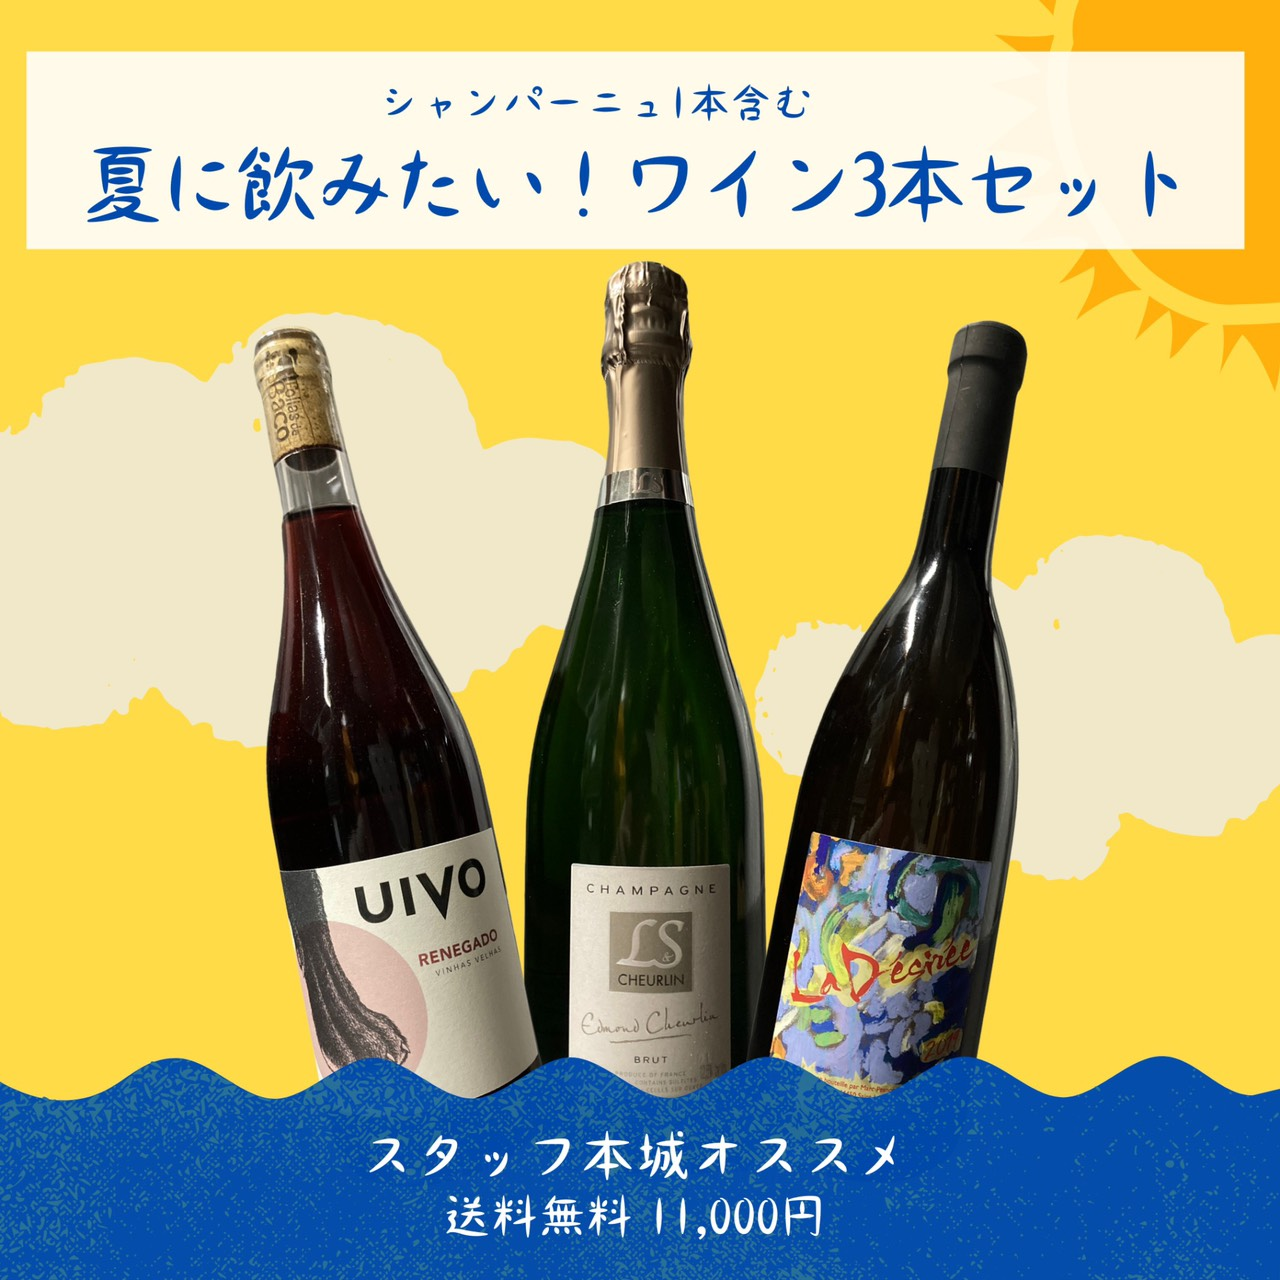 【送料無料】スタッフ本城おすすめ!シャンパーニュ1本含むちょっとお得な夏に飲みたいワイン3本11,000円セット※北海道・沖縄へは別途送料がかかります